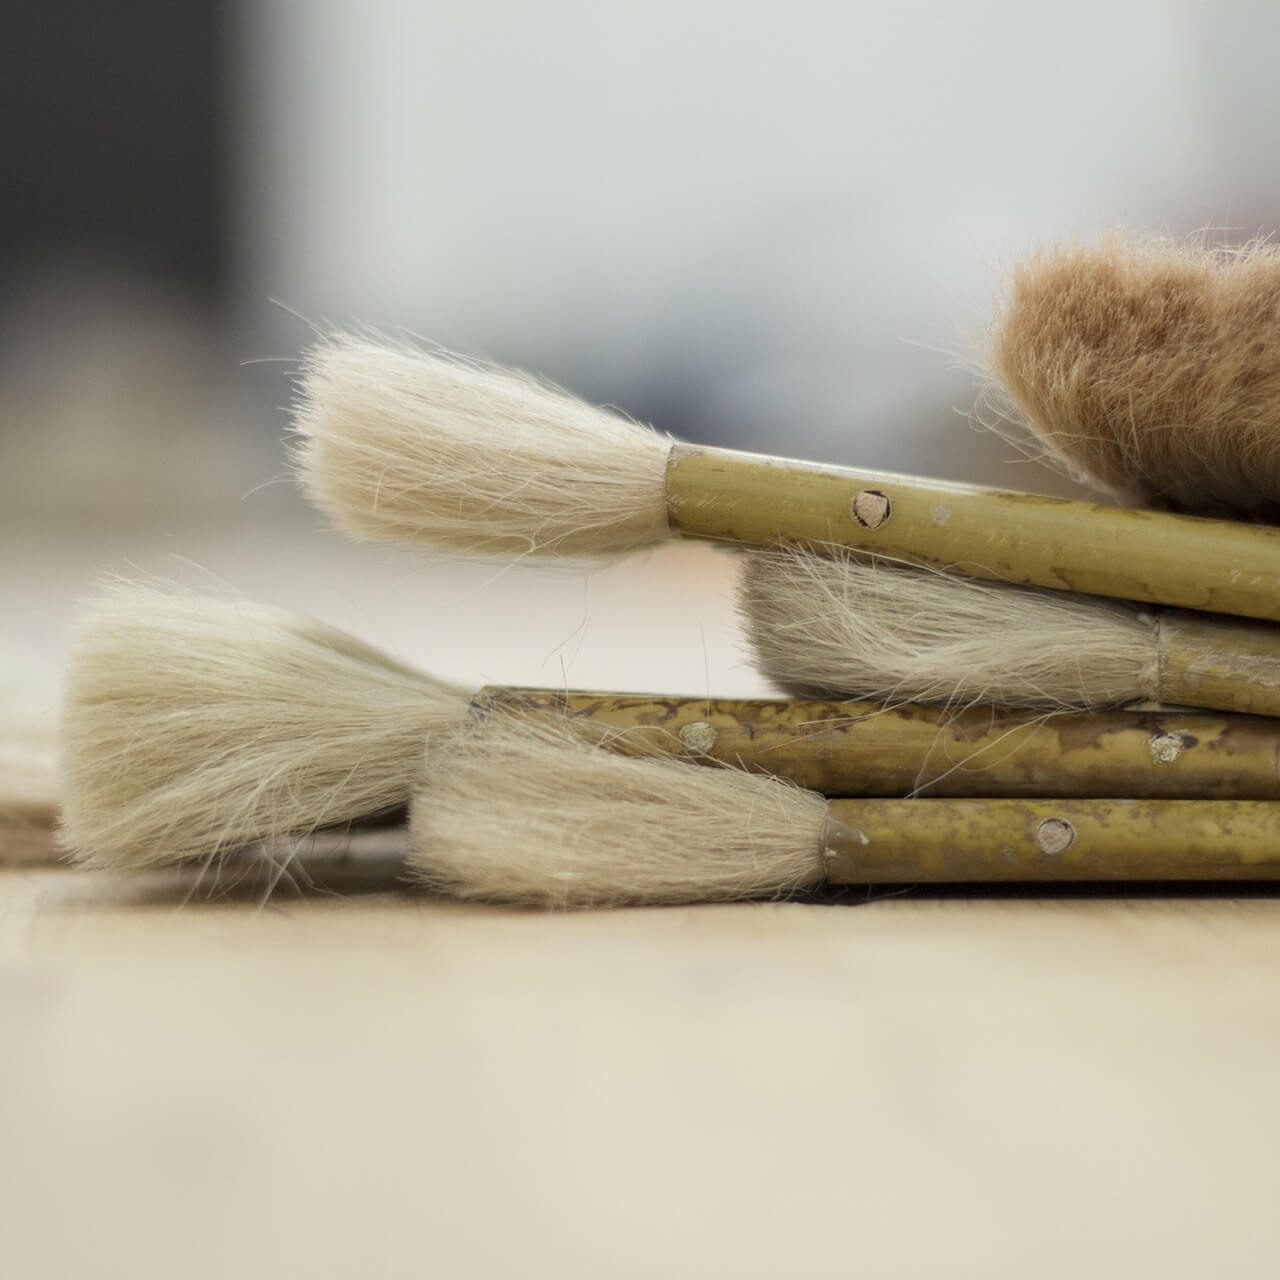 Comparison of liquid powder brushes